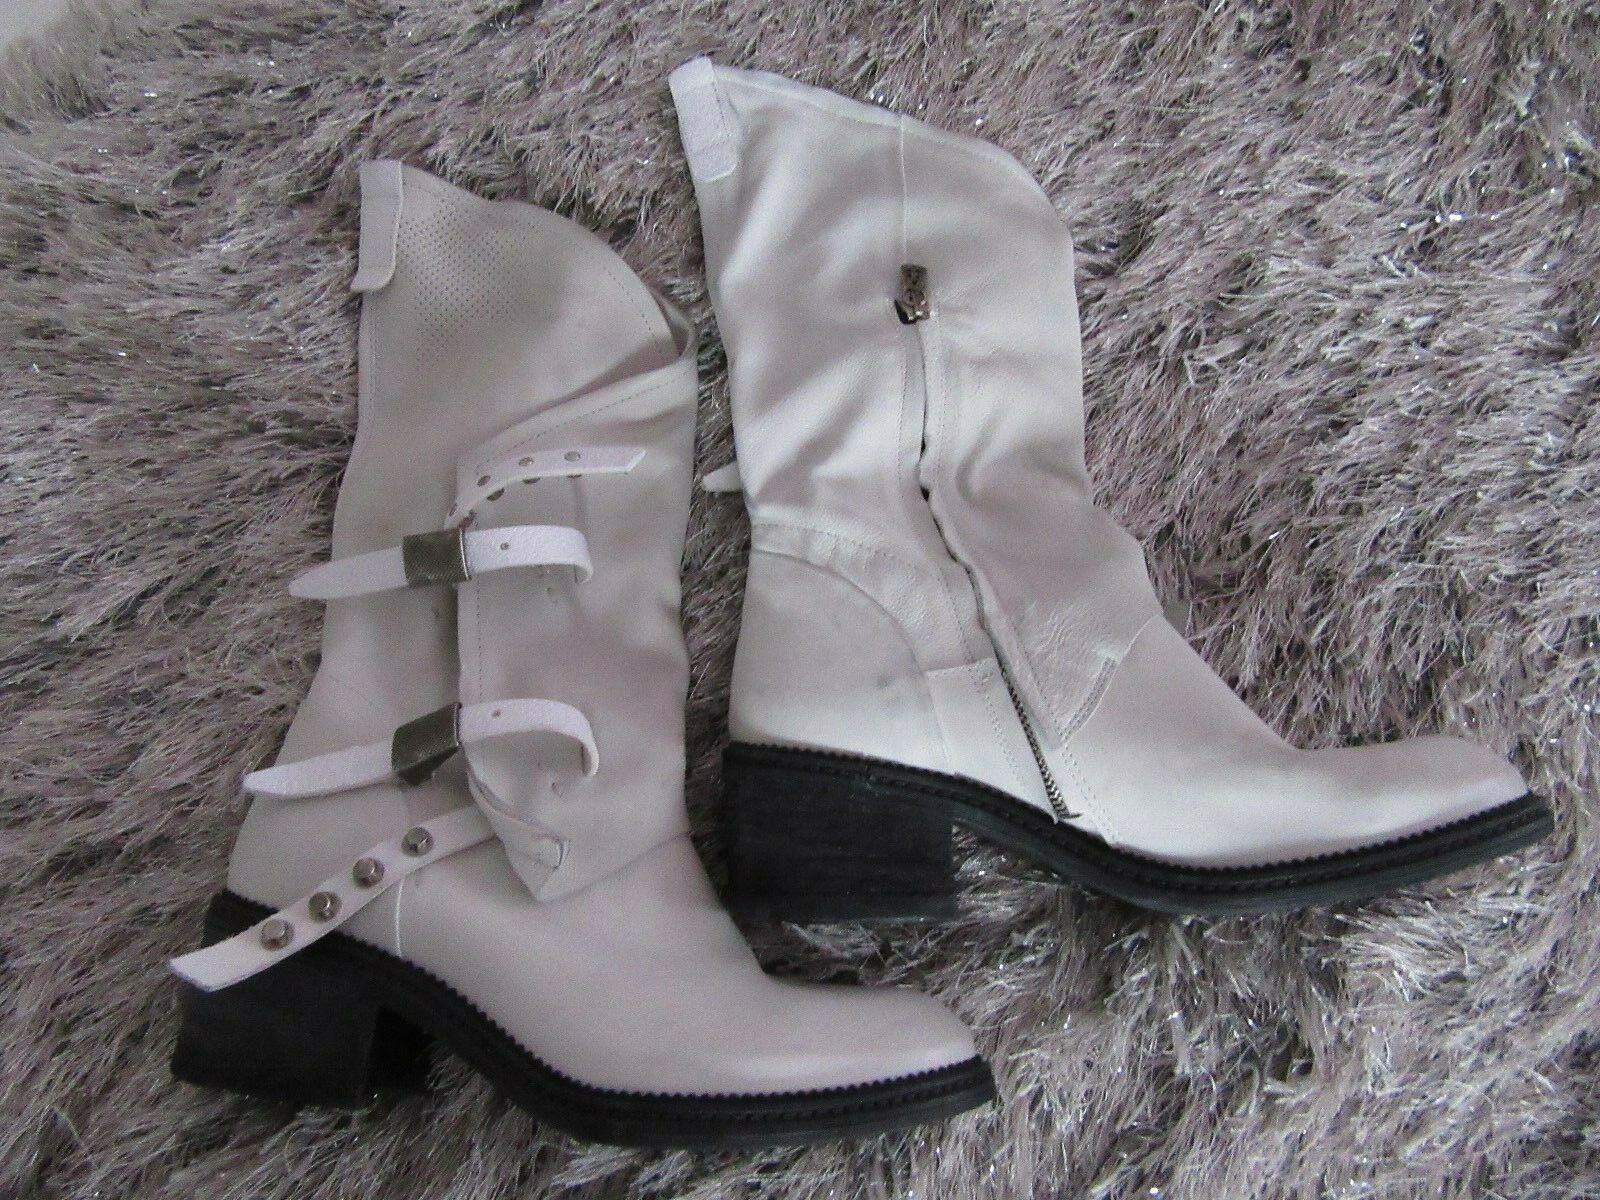 Neue Stiefel der Marke Airstep.98 komplett aus Leder,in Grösse 41